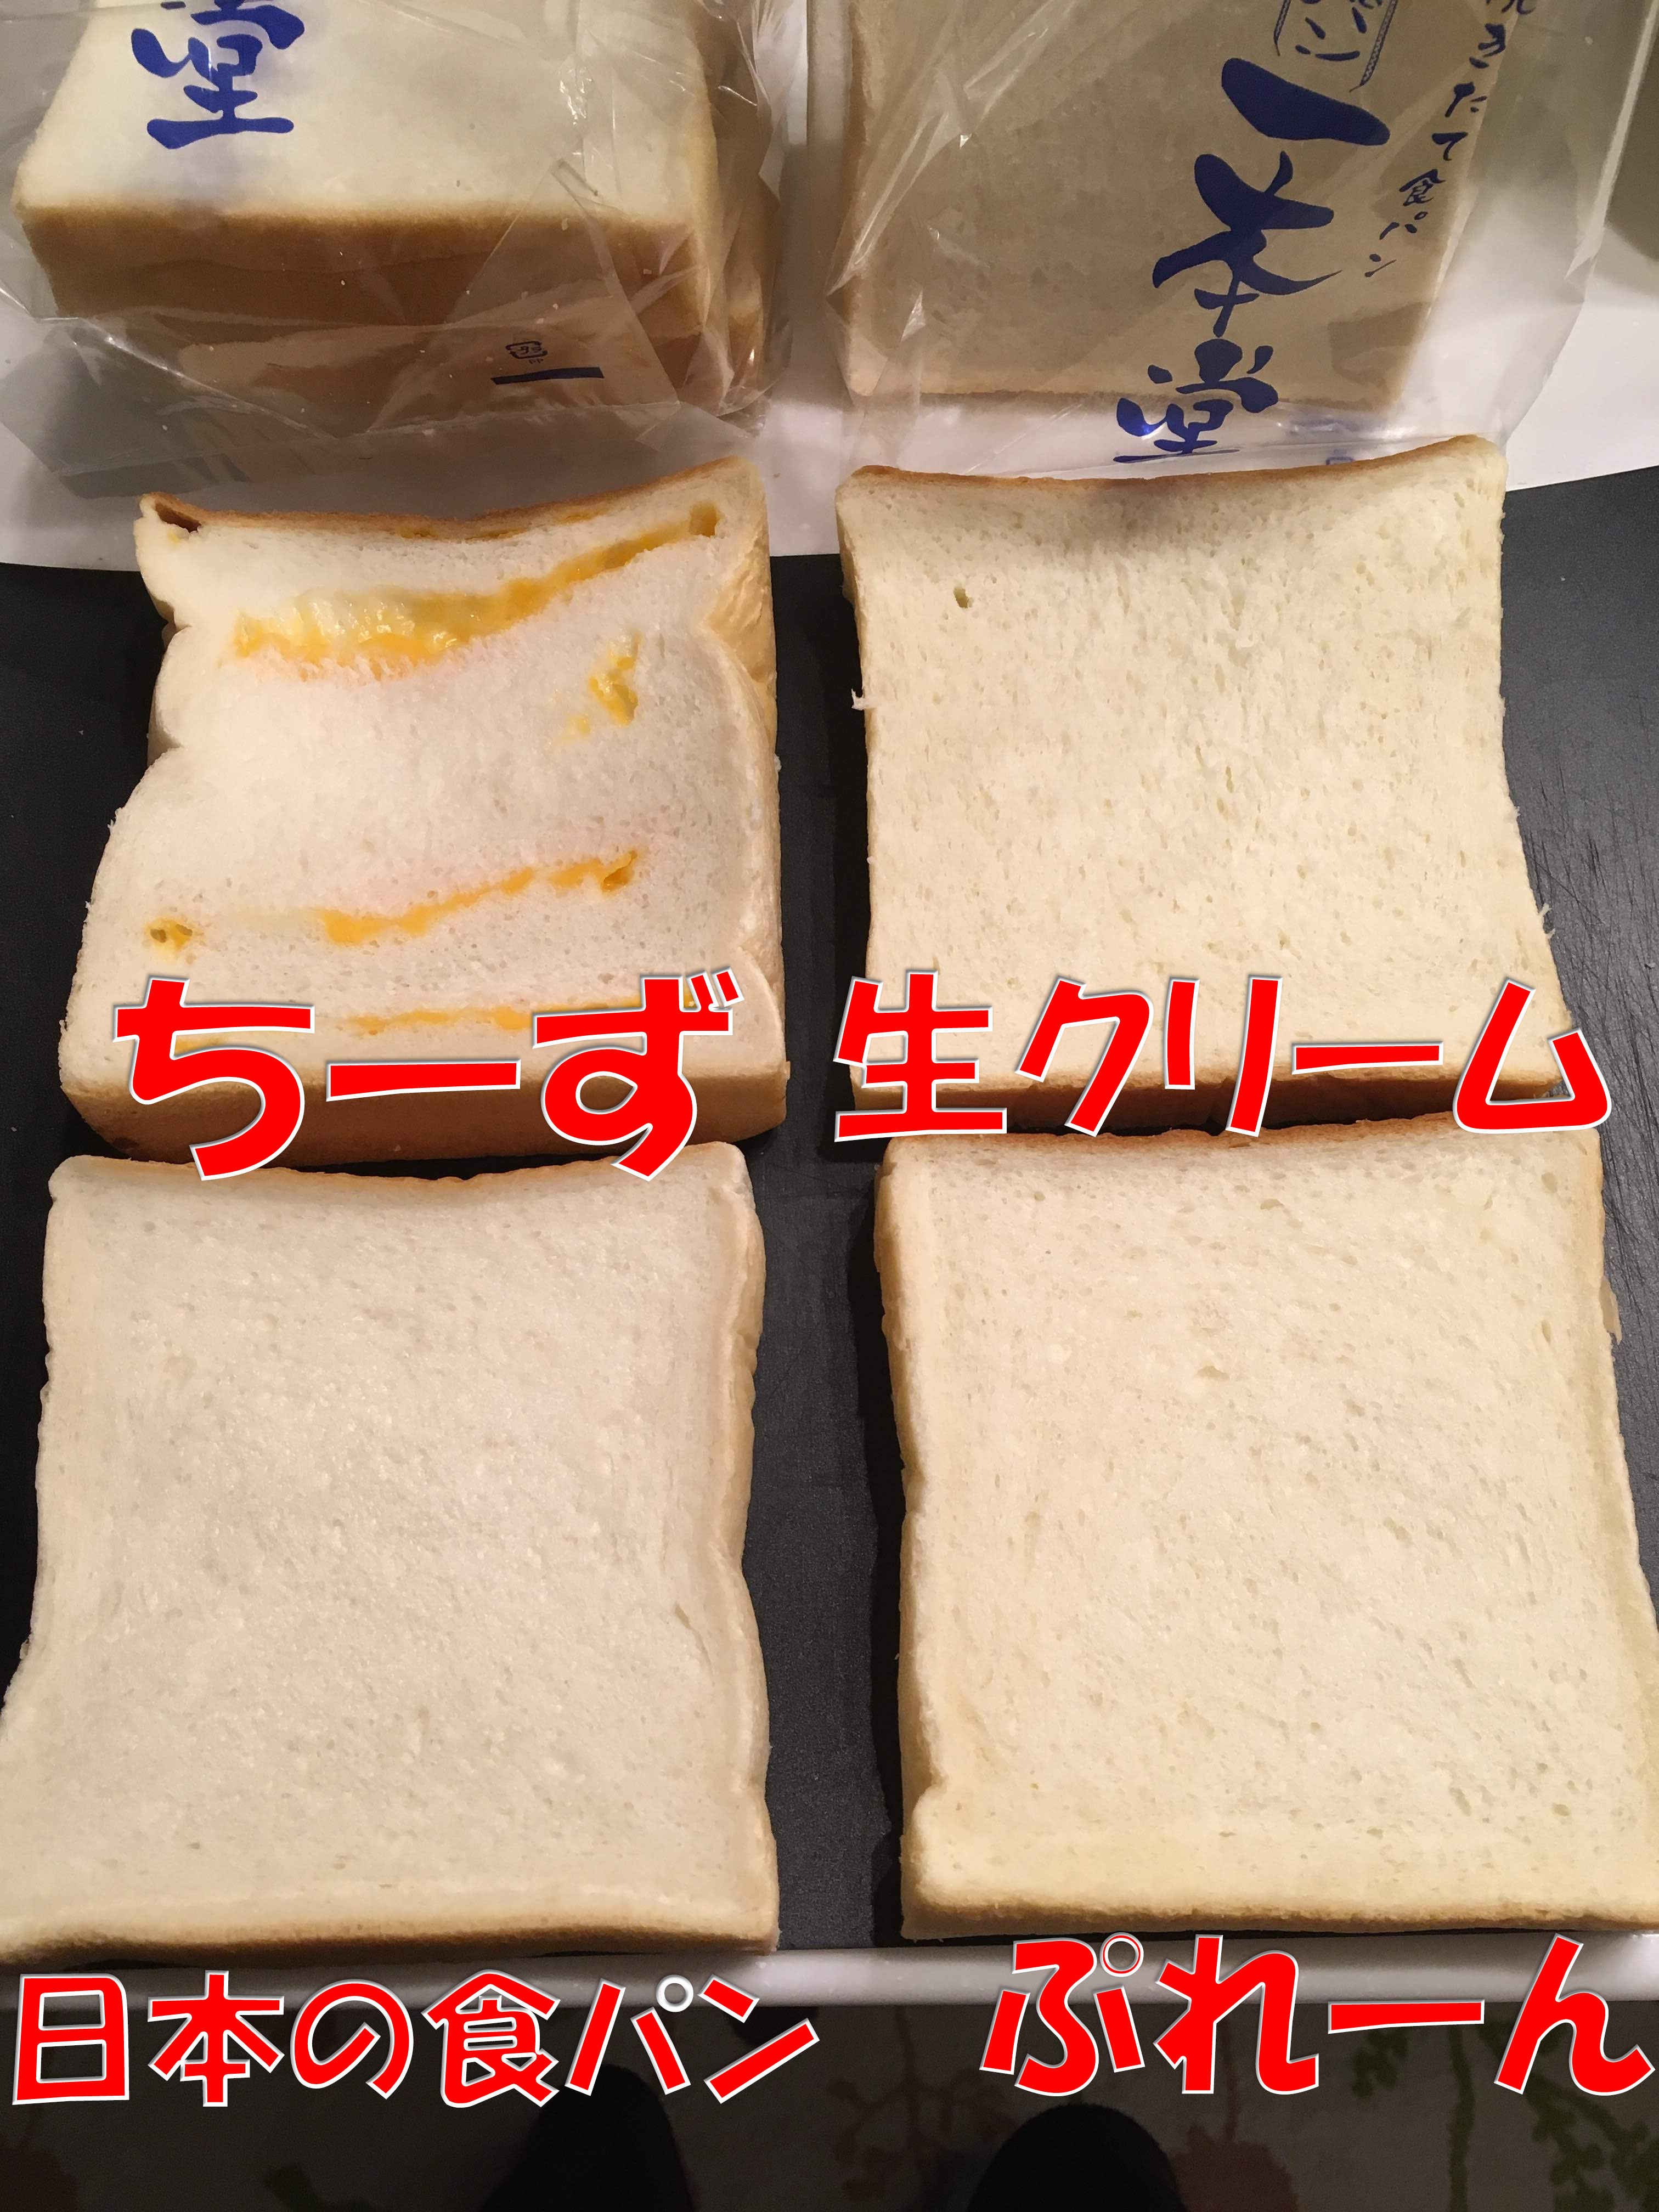 一本堂富山布瀬店の食パンを食べ比べしてみました!